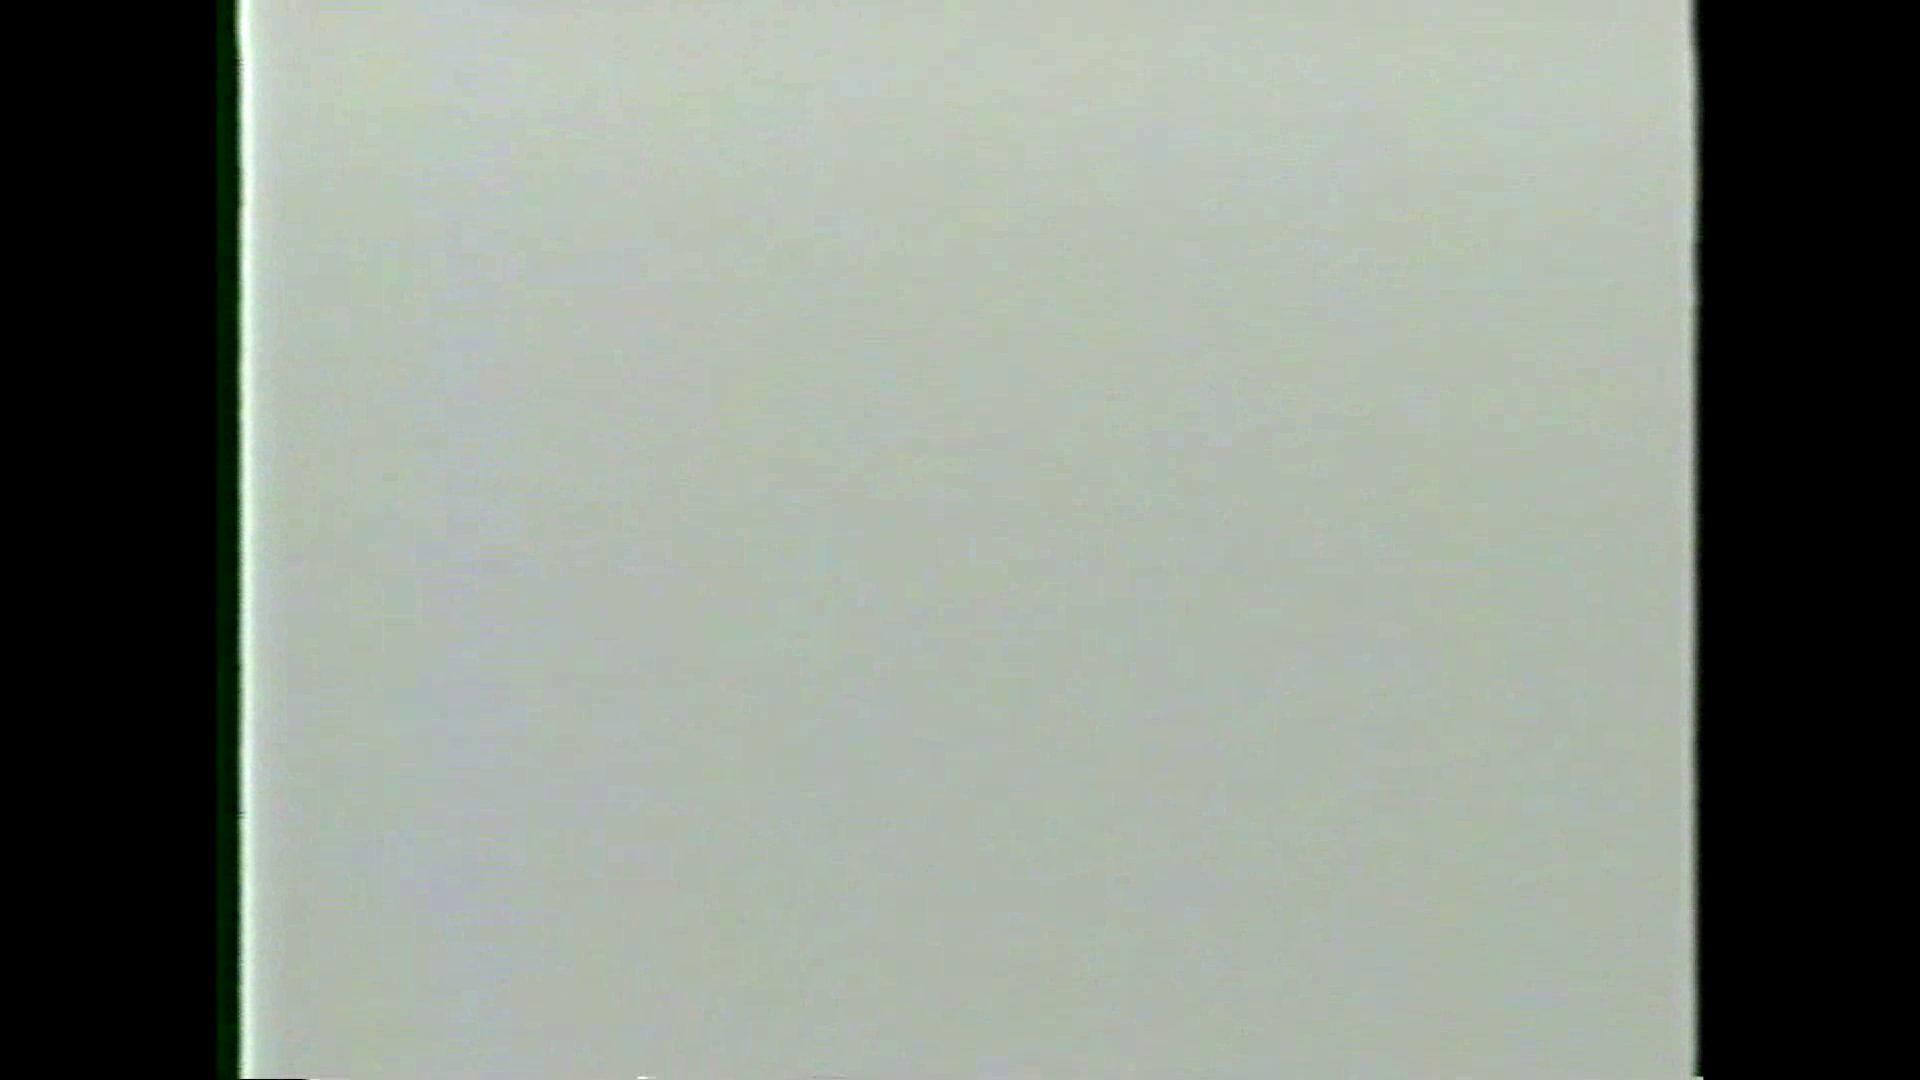 MADOKAさんのズリネタコレクションVol.3-4 ゲイマニア | 0  73連発 55